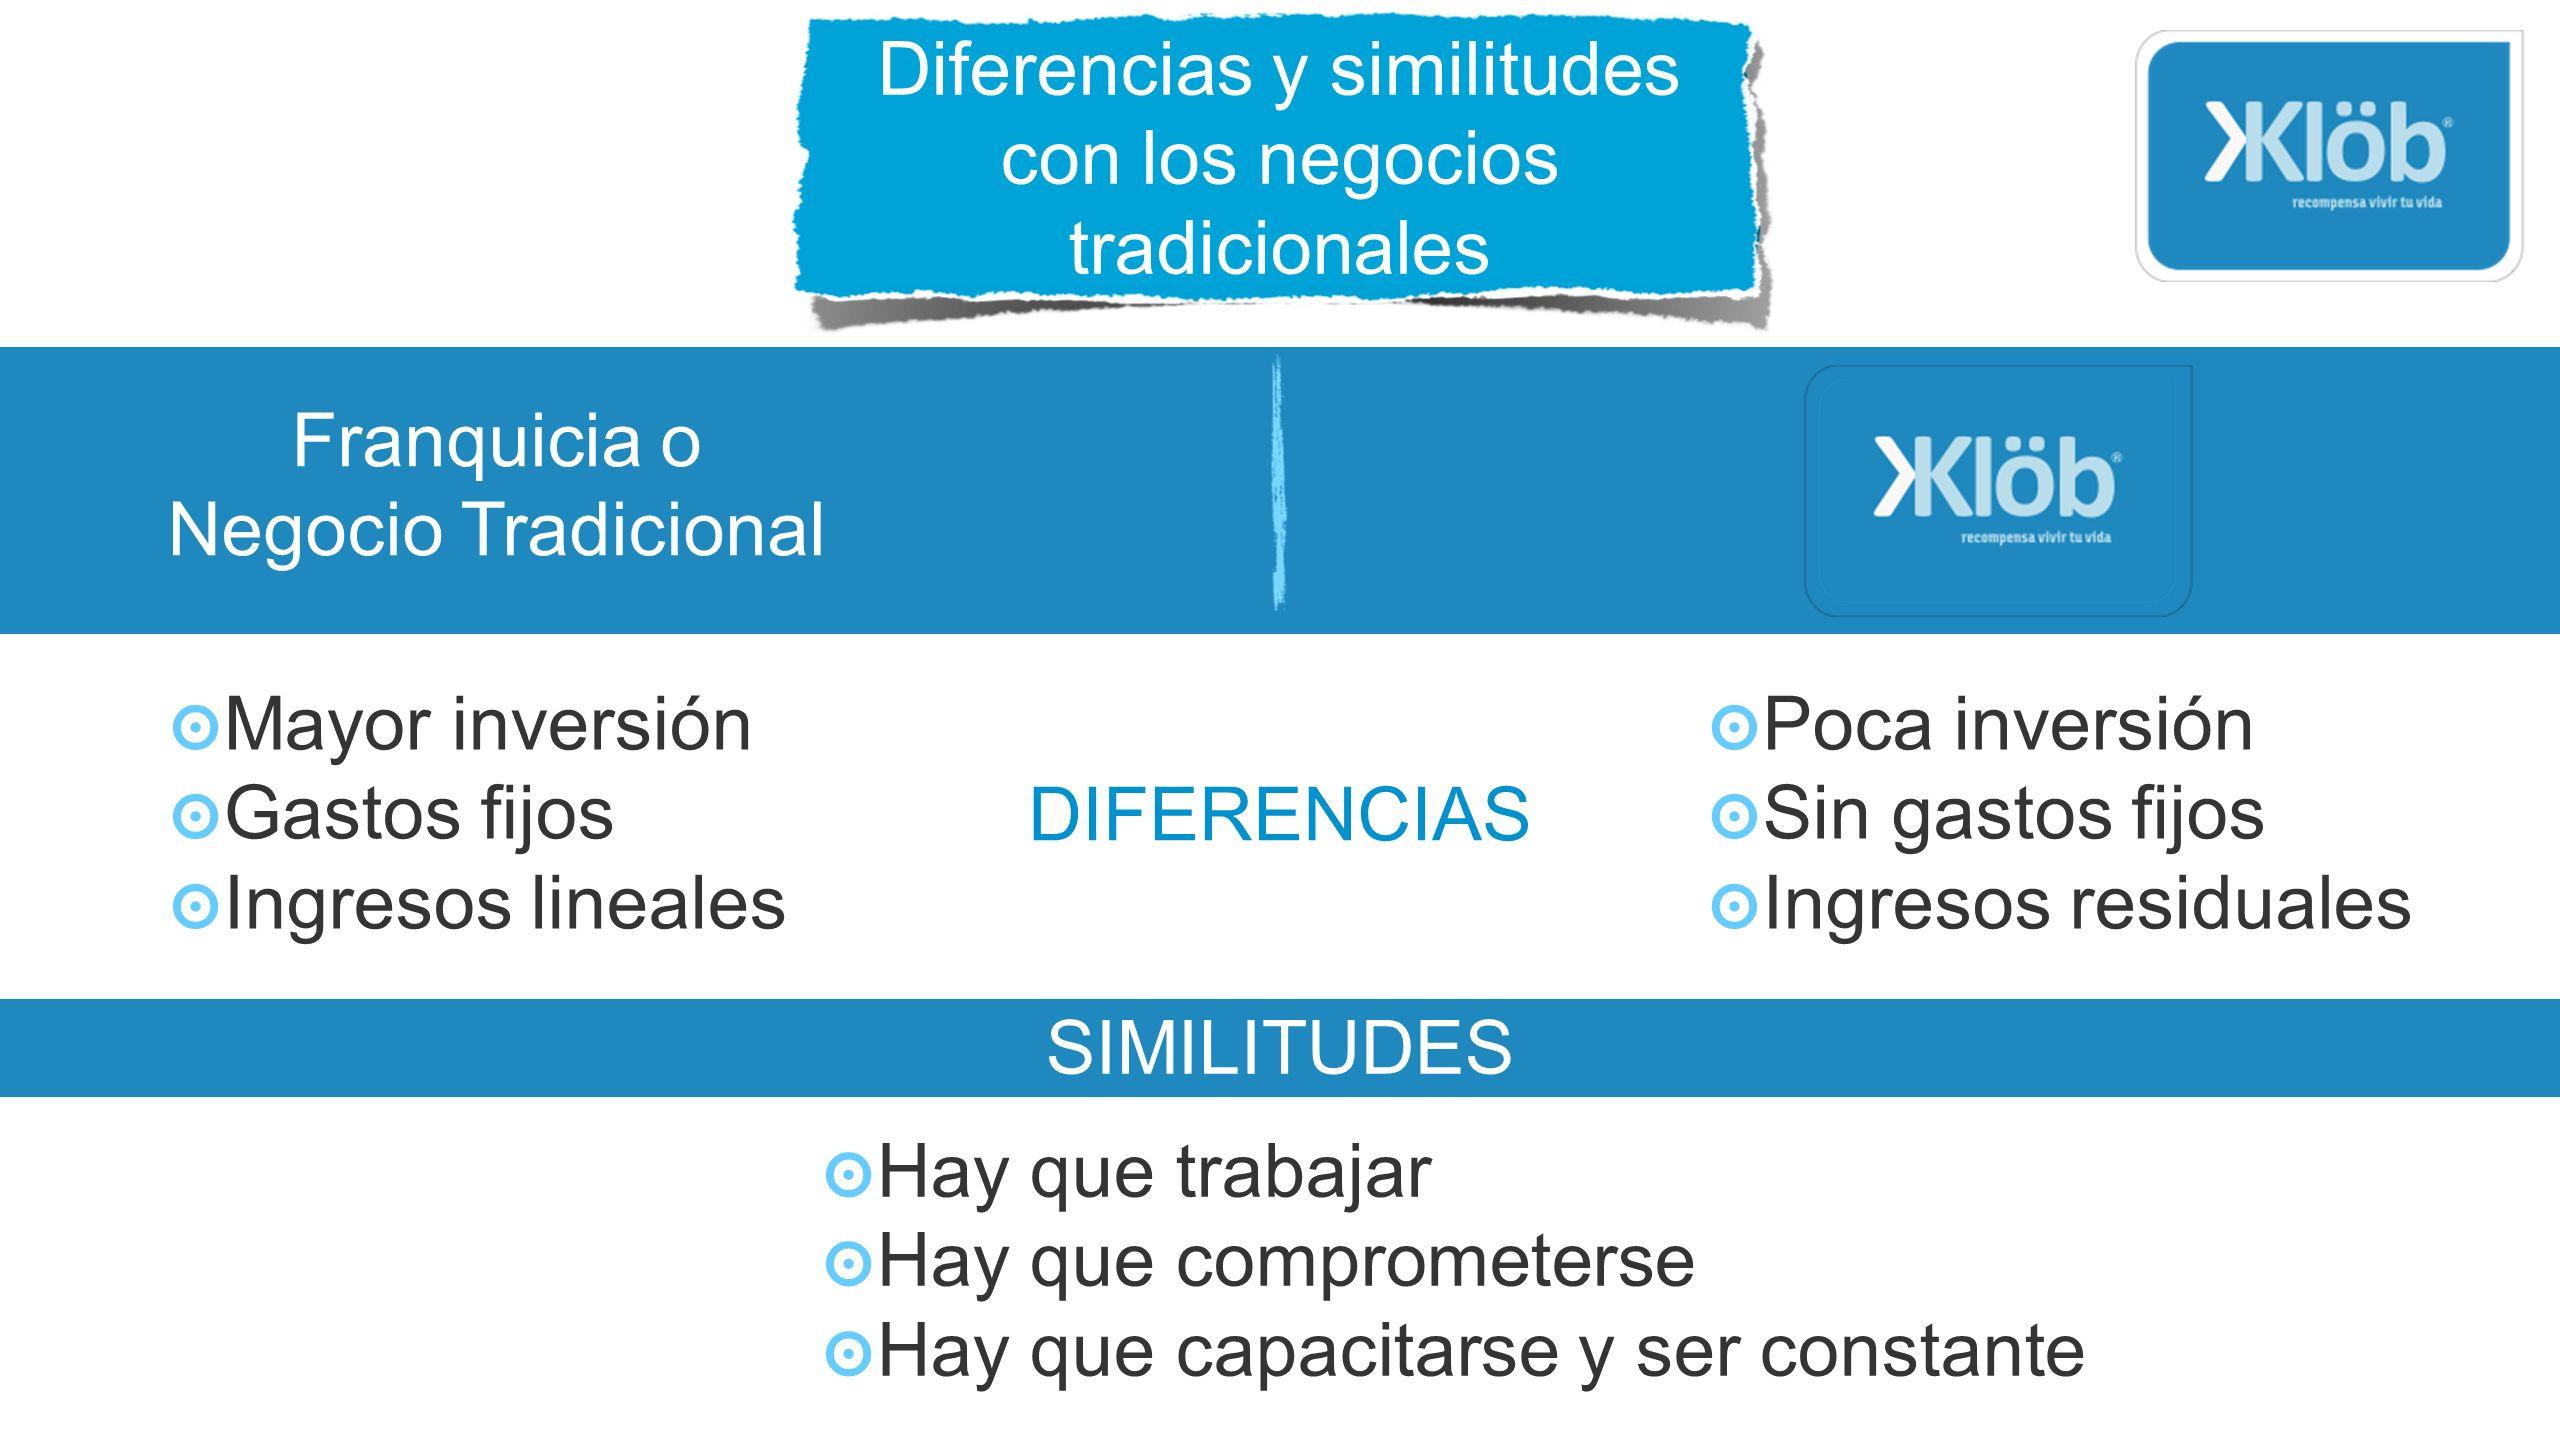 Diferencias y similitudes con los negocios tradicionales